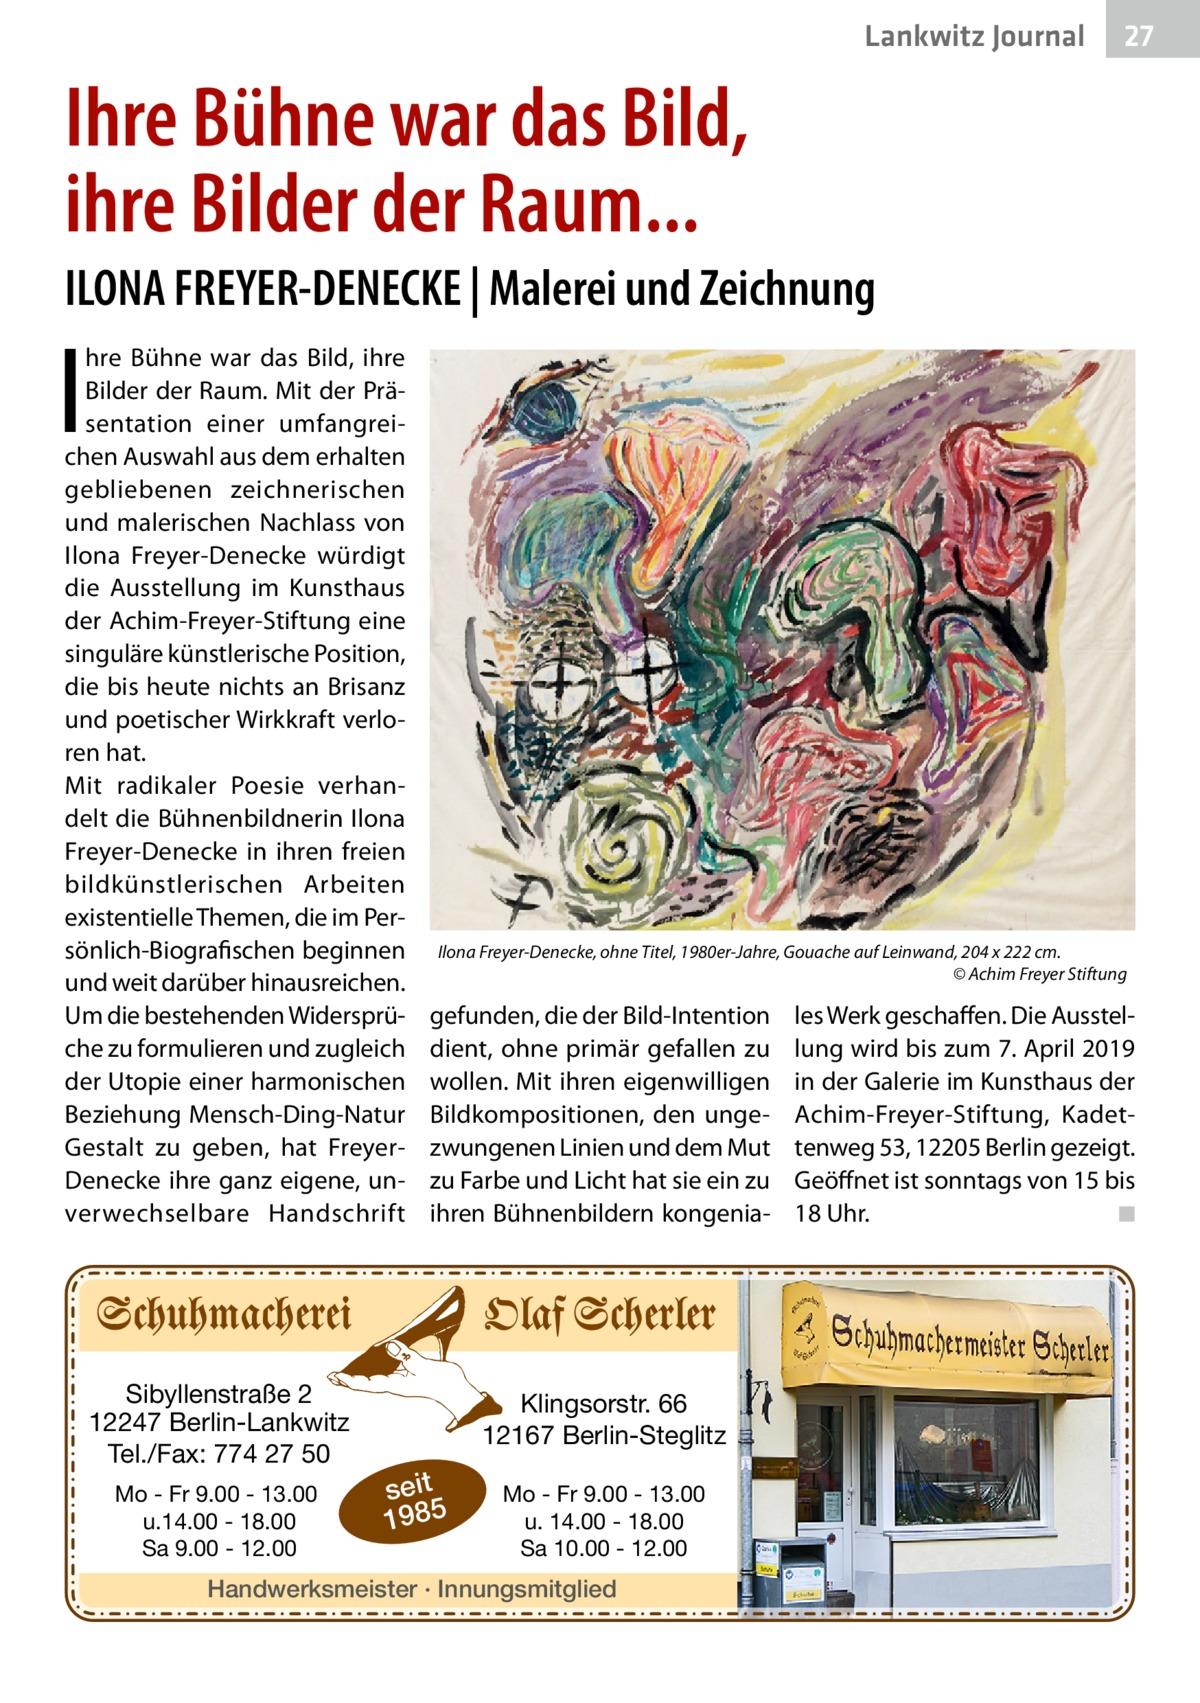 Lankwitz Journal  27  Ihre Bühne war das Bild, ihre Bilder der Raum... ILONA FREYER-DENECKE | Malerei und Zeichnung  I  hre Bühne war das Bild, ihre Bilder der Raum. Mit der Präsentation einer umfangreichen Auswahl aus dem erhalten gebliebenen zeichnerischen und malerischen Nachlass von Ilona Freyer-Denecke würdigt die Ausstellung im Kunsthaus der Achim-Freyer-Stiftung eine singuläre künstlerische Position, die bis heute nichts an Brisanz und poetischer Wirkkraft verloren hat. Mit radikaler Poesie verhandelt die Bühnenbildnerin Ilona Freyer-Denecke in ihren freien bildkünstlerischen Arbeiten existentielle Themen, die im Persönlich-Biografischen beginnen und weit darüber hinausreichen. Um die bestehenden Widersprüche zu formulieren und zugleich der Utopie einer harmonischen Beziehung Mensch-Ding-Natur Gestalt zu geben, hat FreyerDenecke ihre ganz eigene, unverwechselbare Handschrift  Sibyllenstraße 2 12247 Berlin-Lankwitz Tel./Fax: 774 27 50 Mo - Fr 9.00 - 13.00 u.14.00 - 18.00 Sa 9.00 - 12.00  Ilona Freyer-Denecke, ohne Titel, 1980er-Jahre, Gouache auf Leinwand, 204 x 222 cm. � © Achim Freyer Stiftung  gefunden, die der Bild-Intention dient, ohne primär gefallen zu wollen. Mit ihren eigenwilligen Bildkompositionen, den ungezwungenen Linien und dem Mut zu Farbe und Licht hat sie ein zu ihren Bühnenbildern kongenia Klingsorstr. 66 12167 Berlin-Steglitz  seit 1985  Mo - Fr 9.00 - 13.00 u. 14.00 - 18.00 Sa 10.00 - 12.00  Handwerksmeister · Innungsmitglied  les Werk geschaffen. Die Ausstellung wird bis zum 7.April 2019 in der Galerie im Kunsthaus der Achim-Freyer-Stiftung, Kadettenweg53, 12205Berlin gezeigt. Geöffnet ist sonntags von 15 bis 18Uhr. � ◾